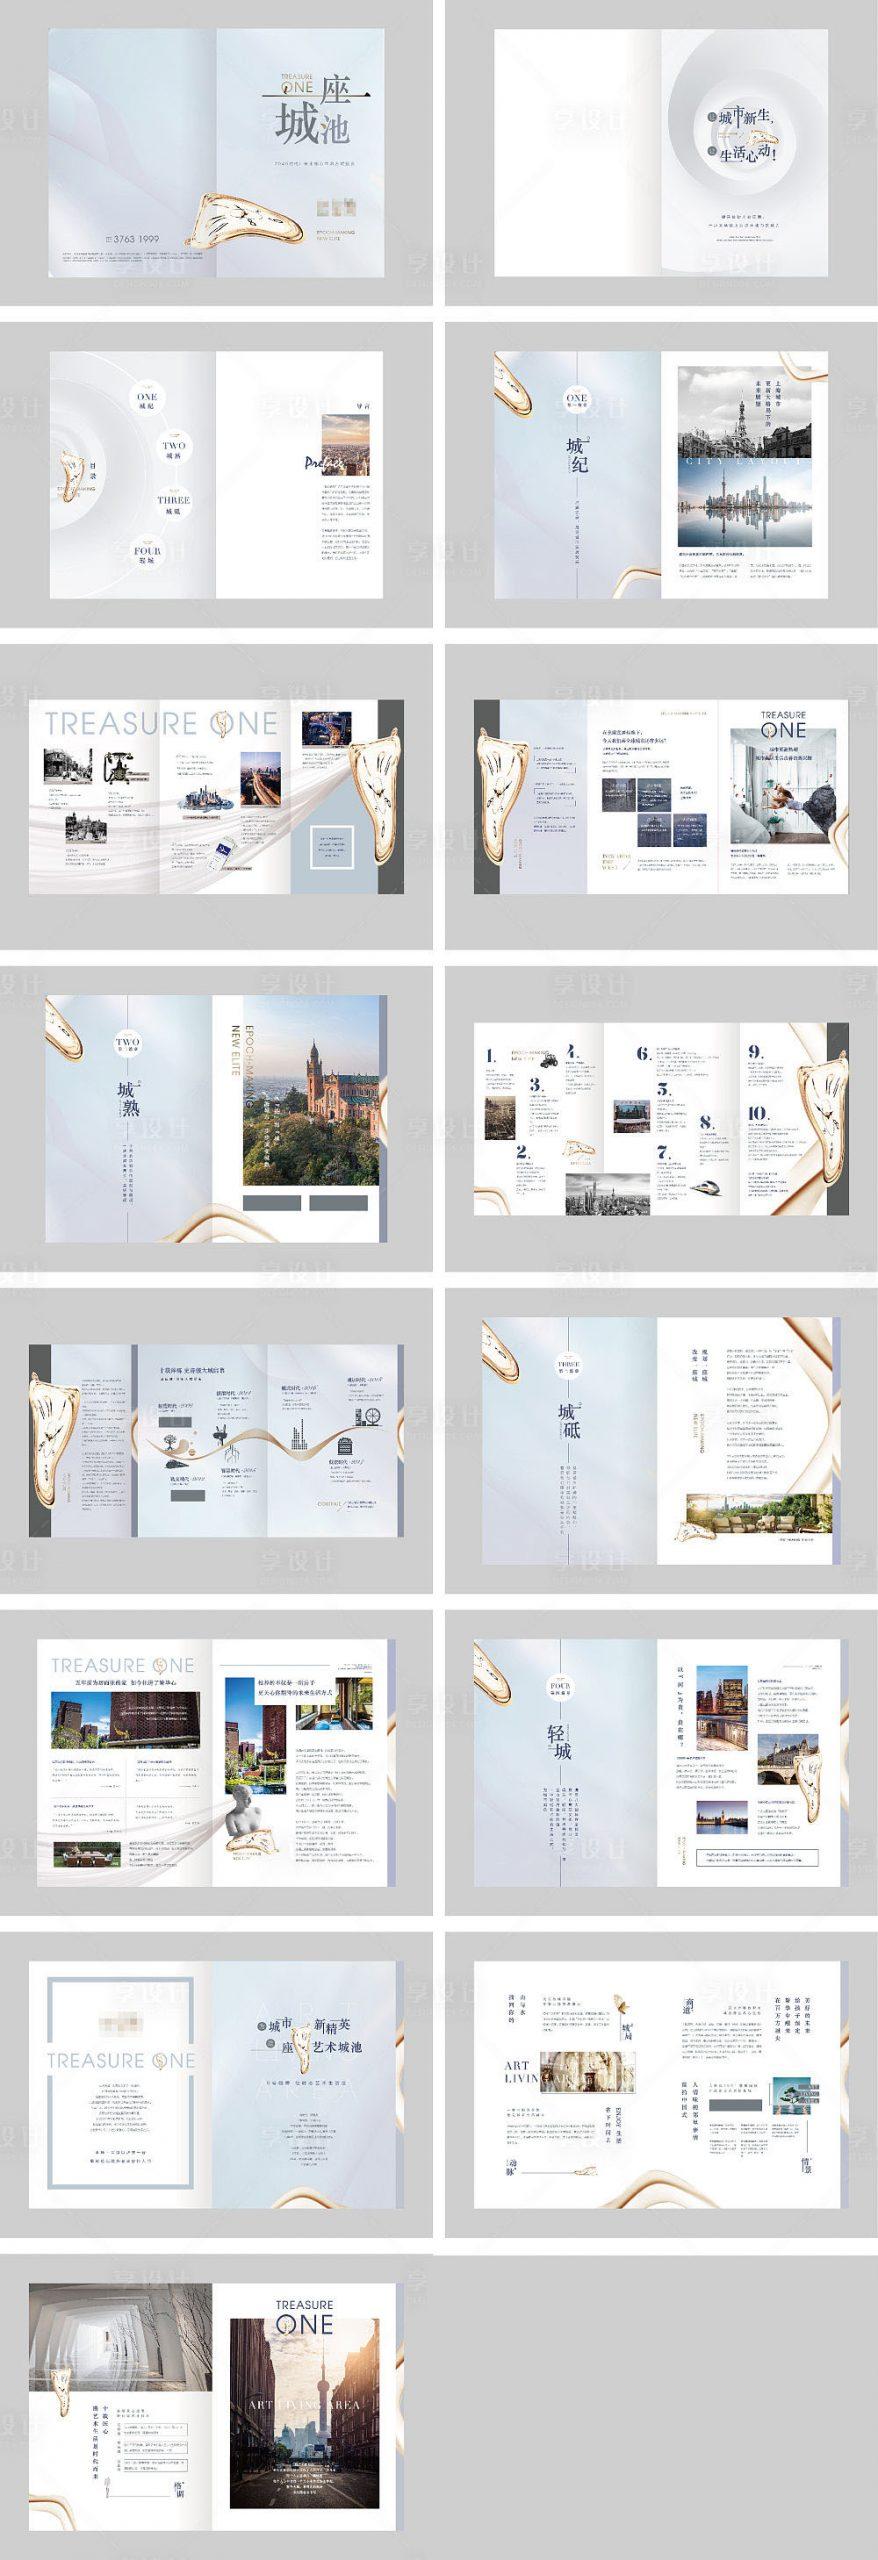 房地产欧式住宅楼书AI源文件插图